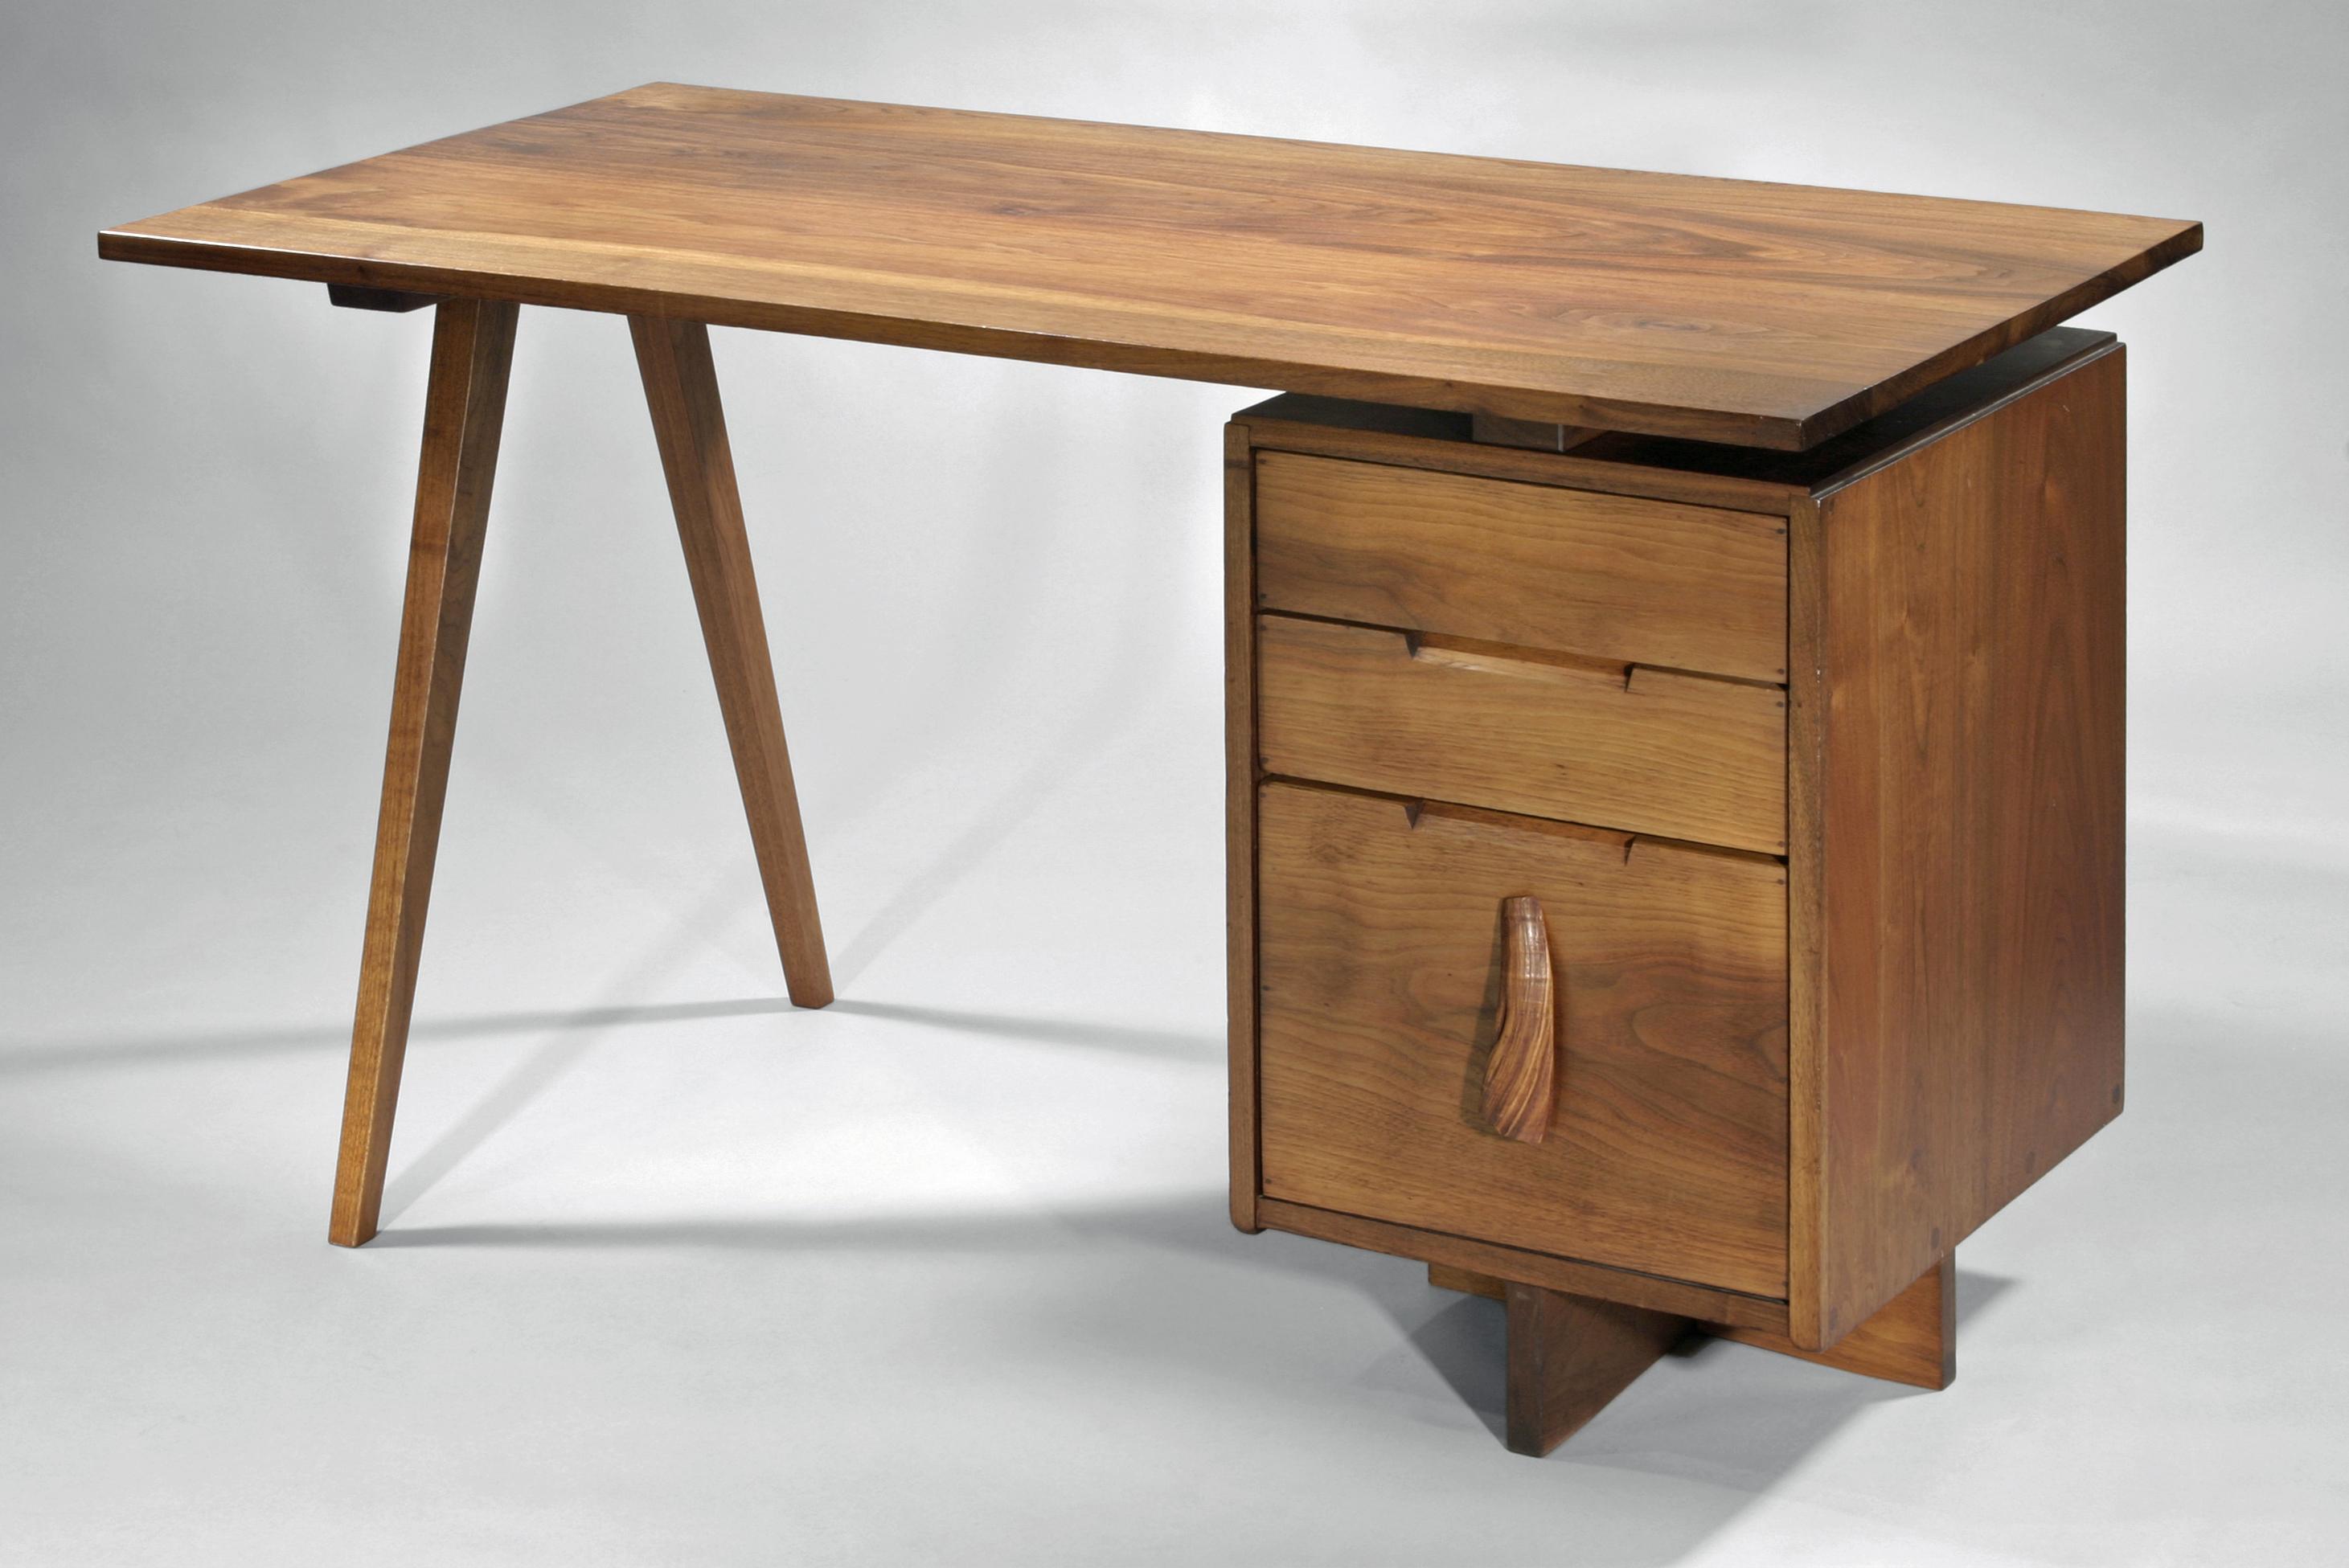 Historic Early Nakashima Furniture Exhibit at Philadelphia s